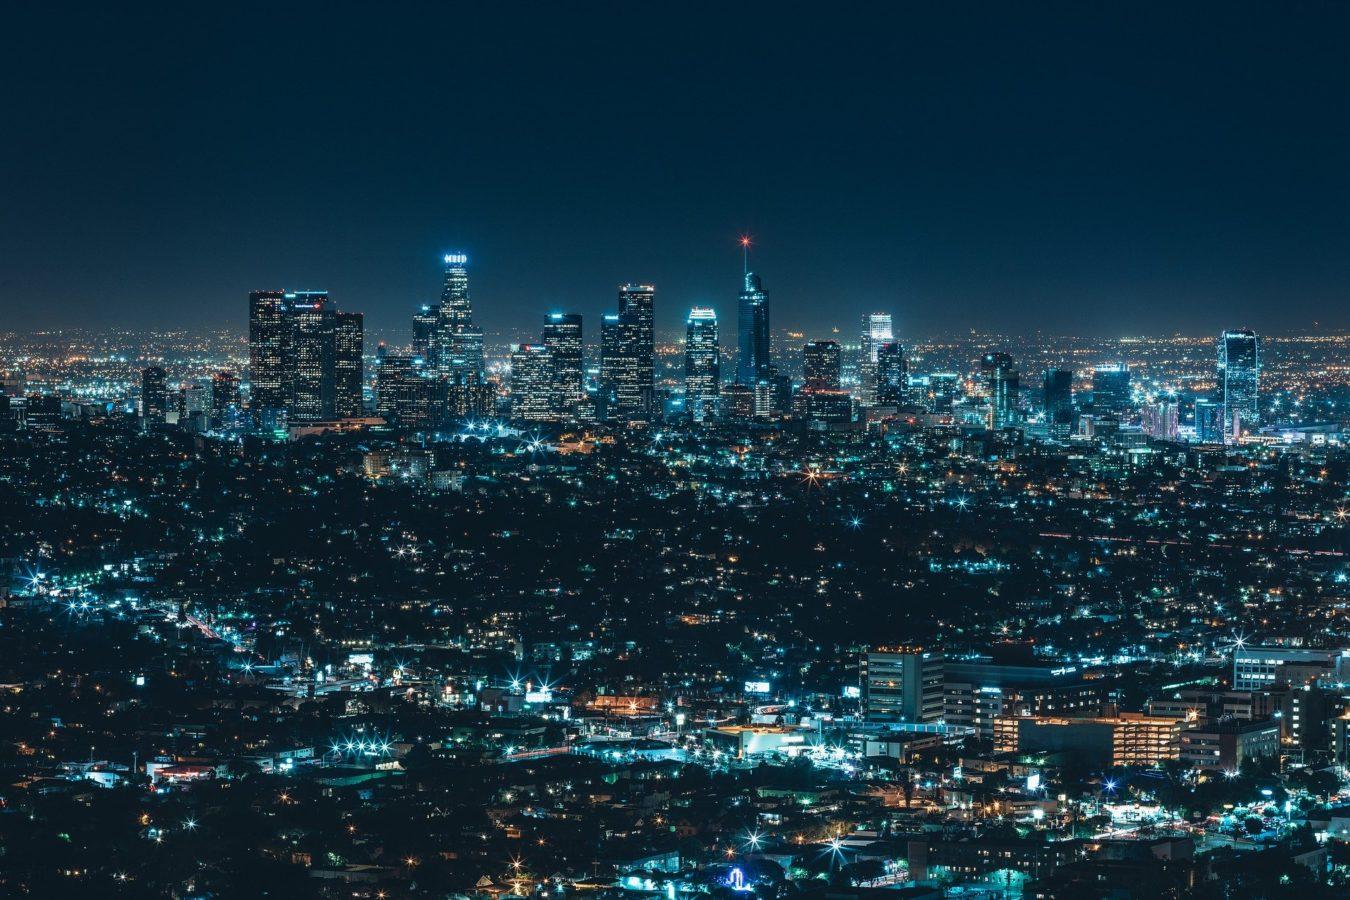 L'Afrique, un continent propice au développement de smart cities